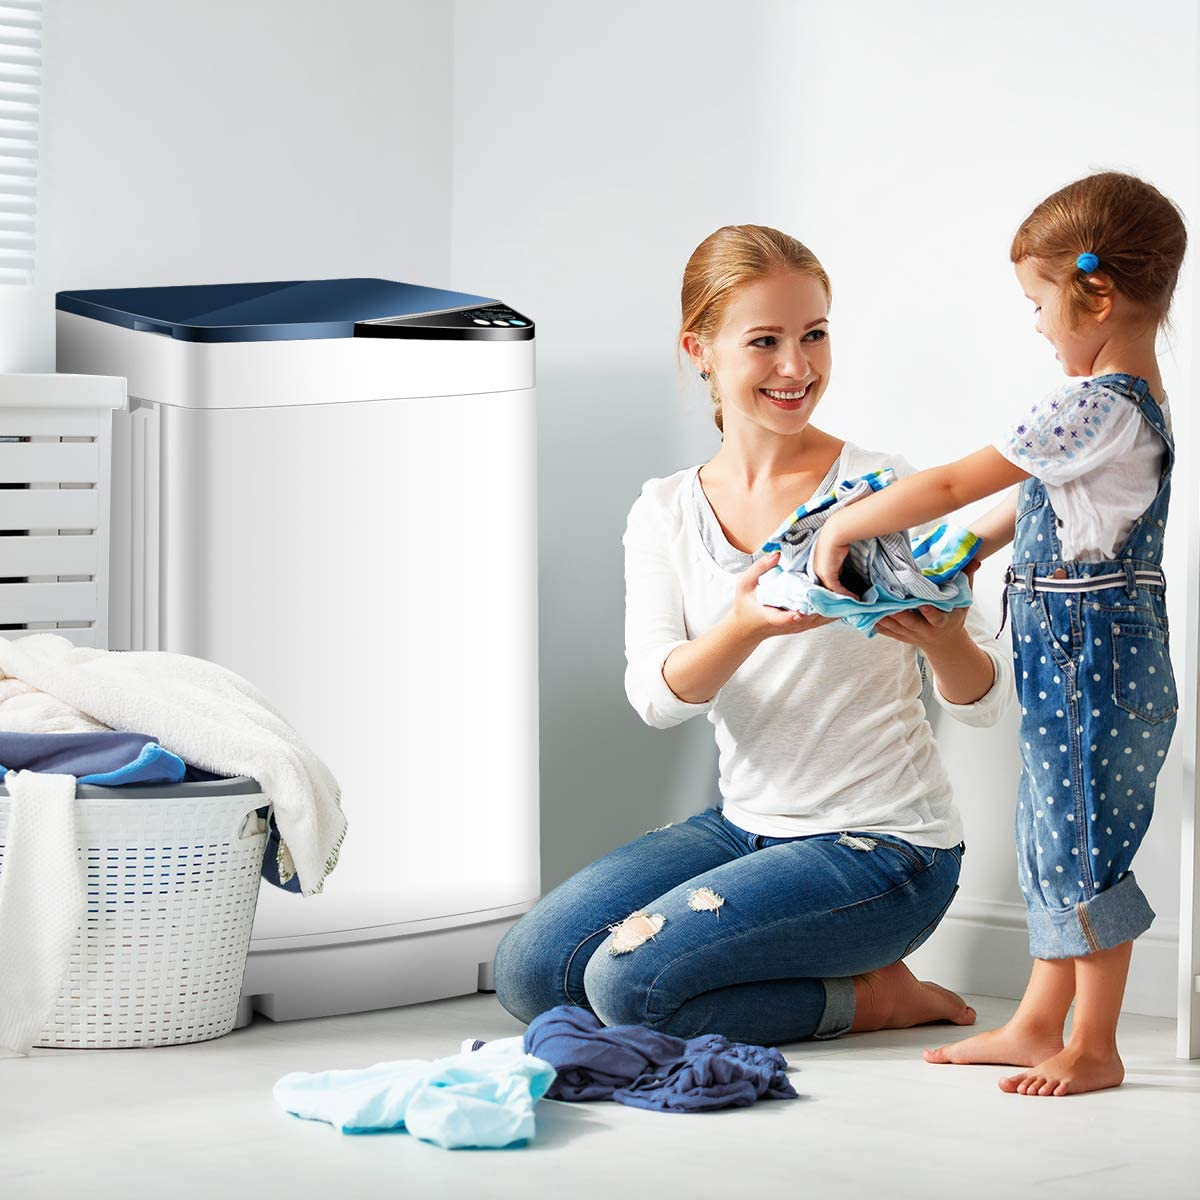 Amazon.com: Giantex Lavadora automática y portátil, lavadora ...